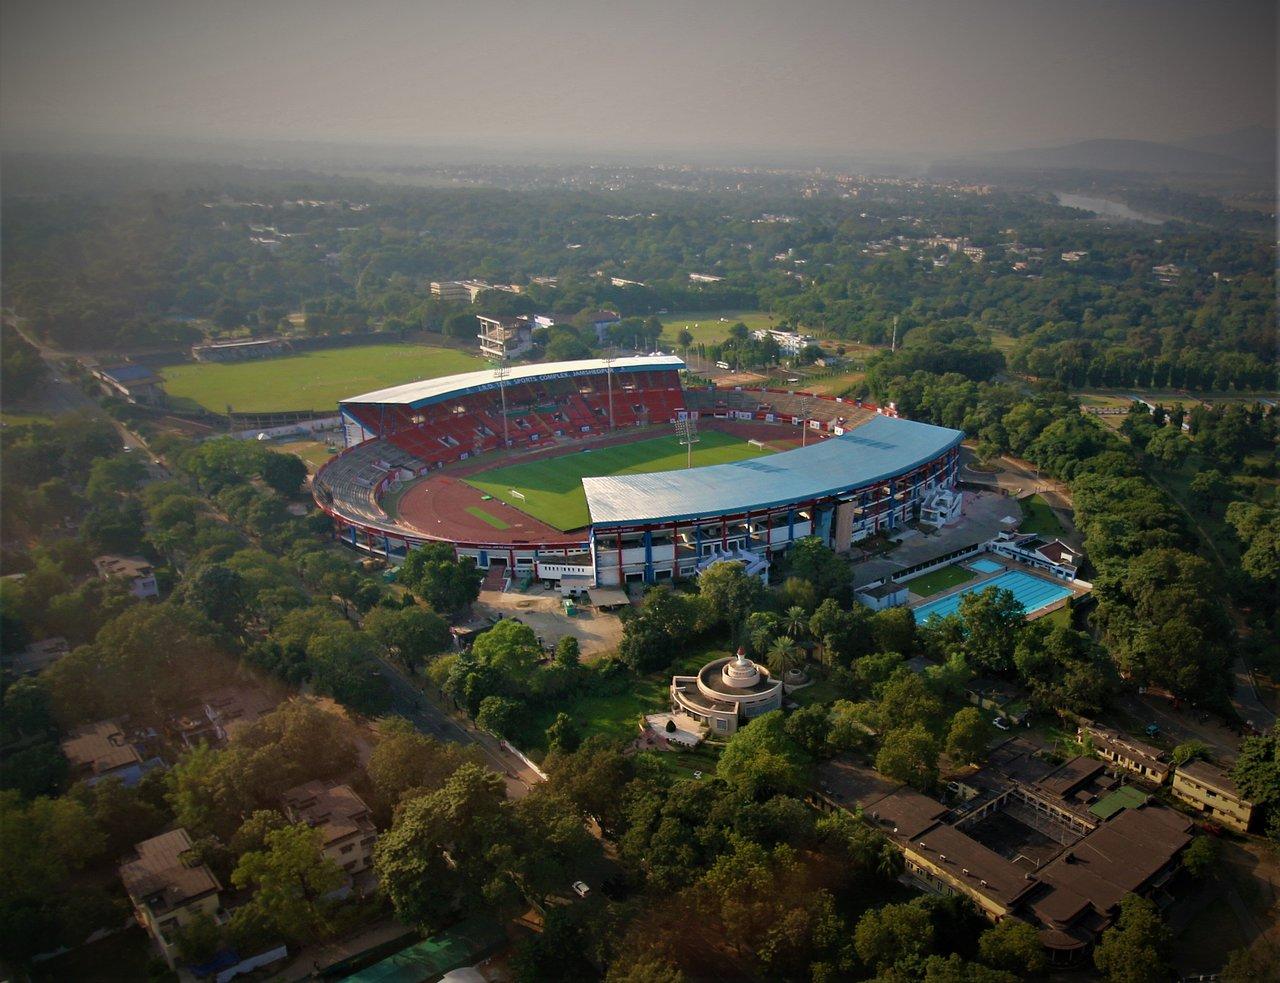 JRD TATA Sports Complex (Jamshedpur) | KreedOn